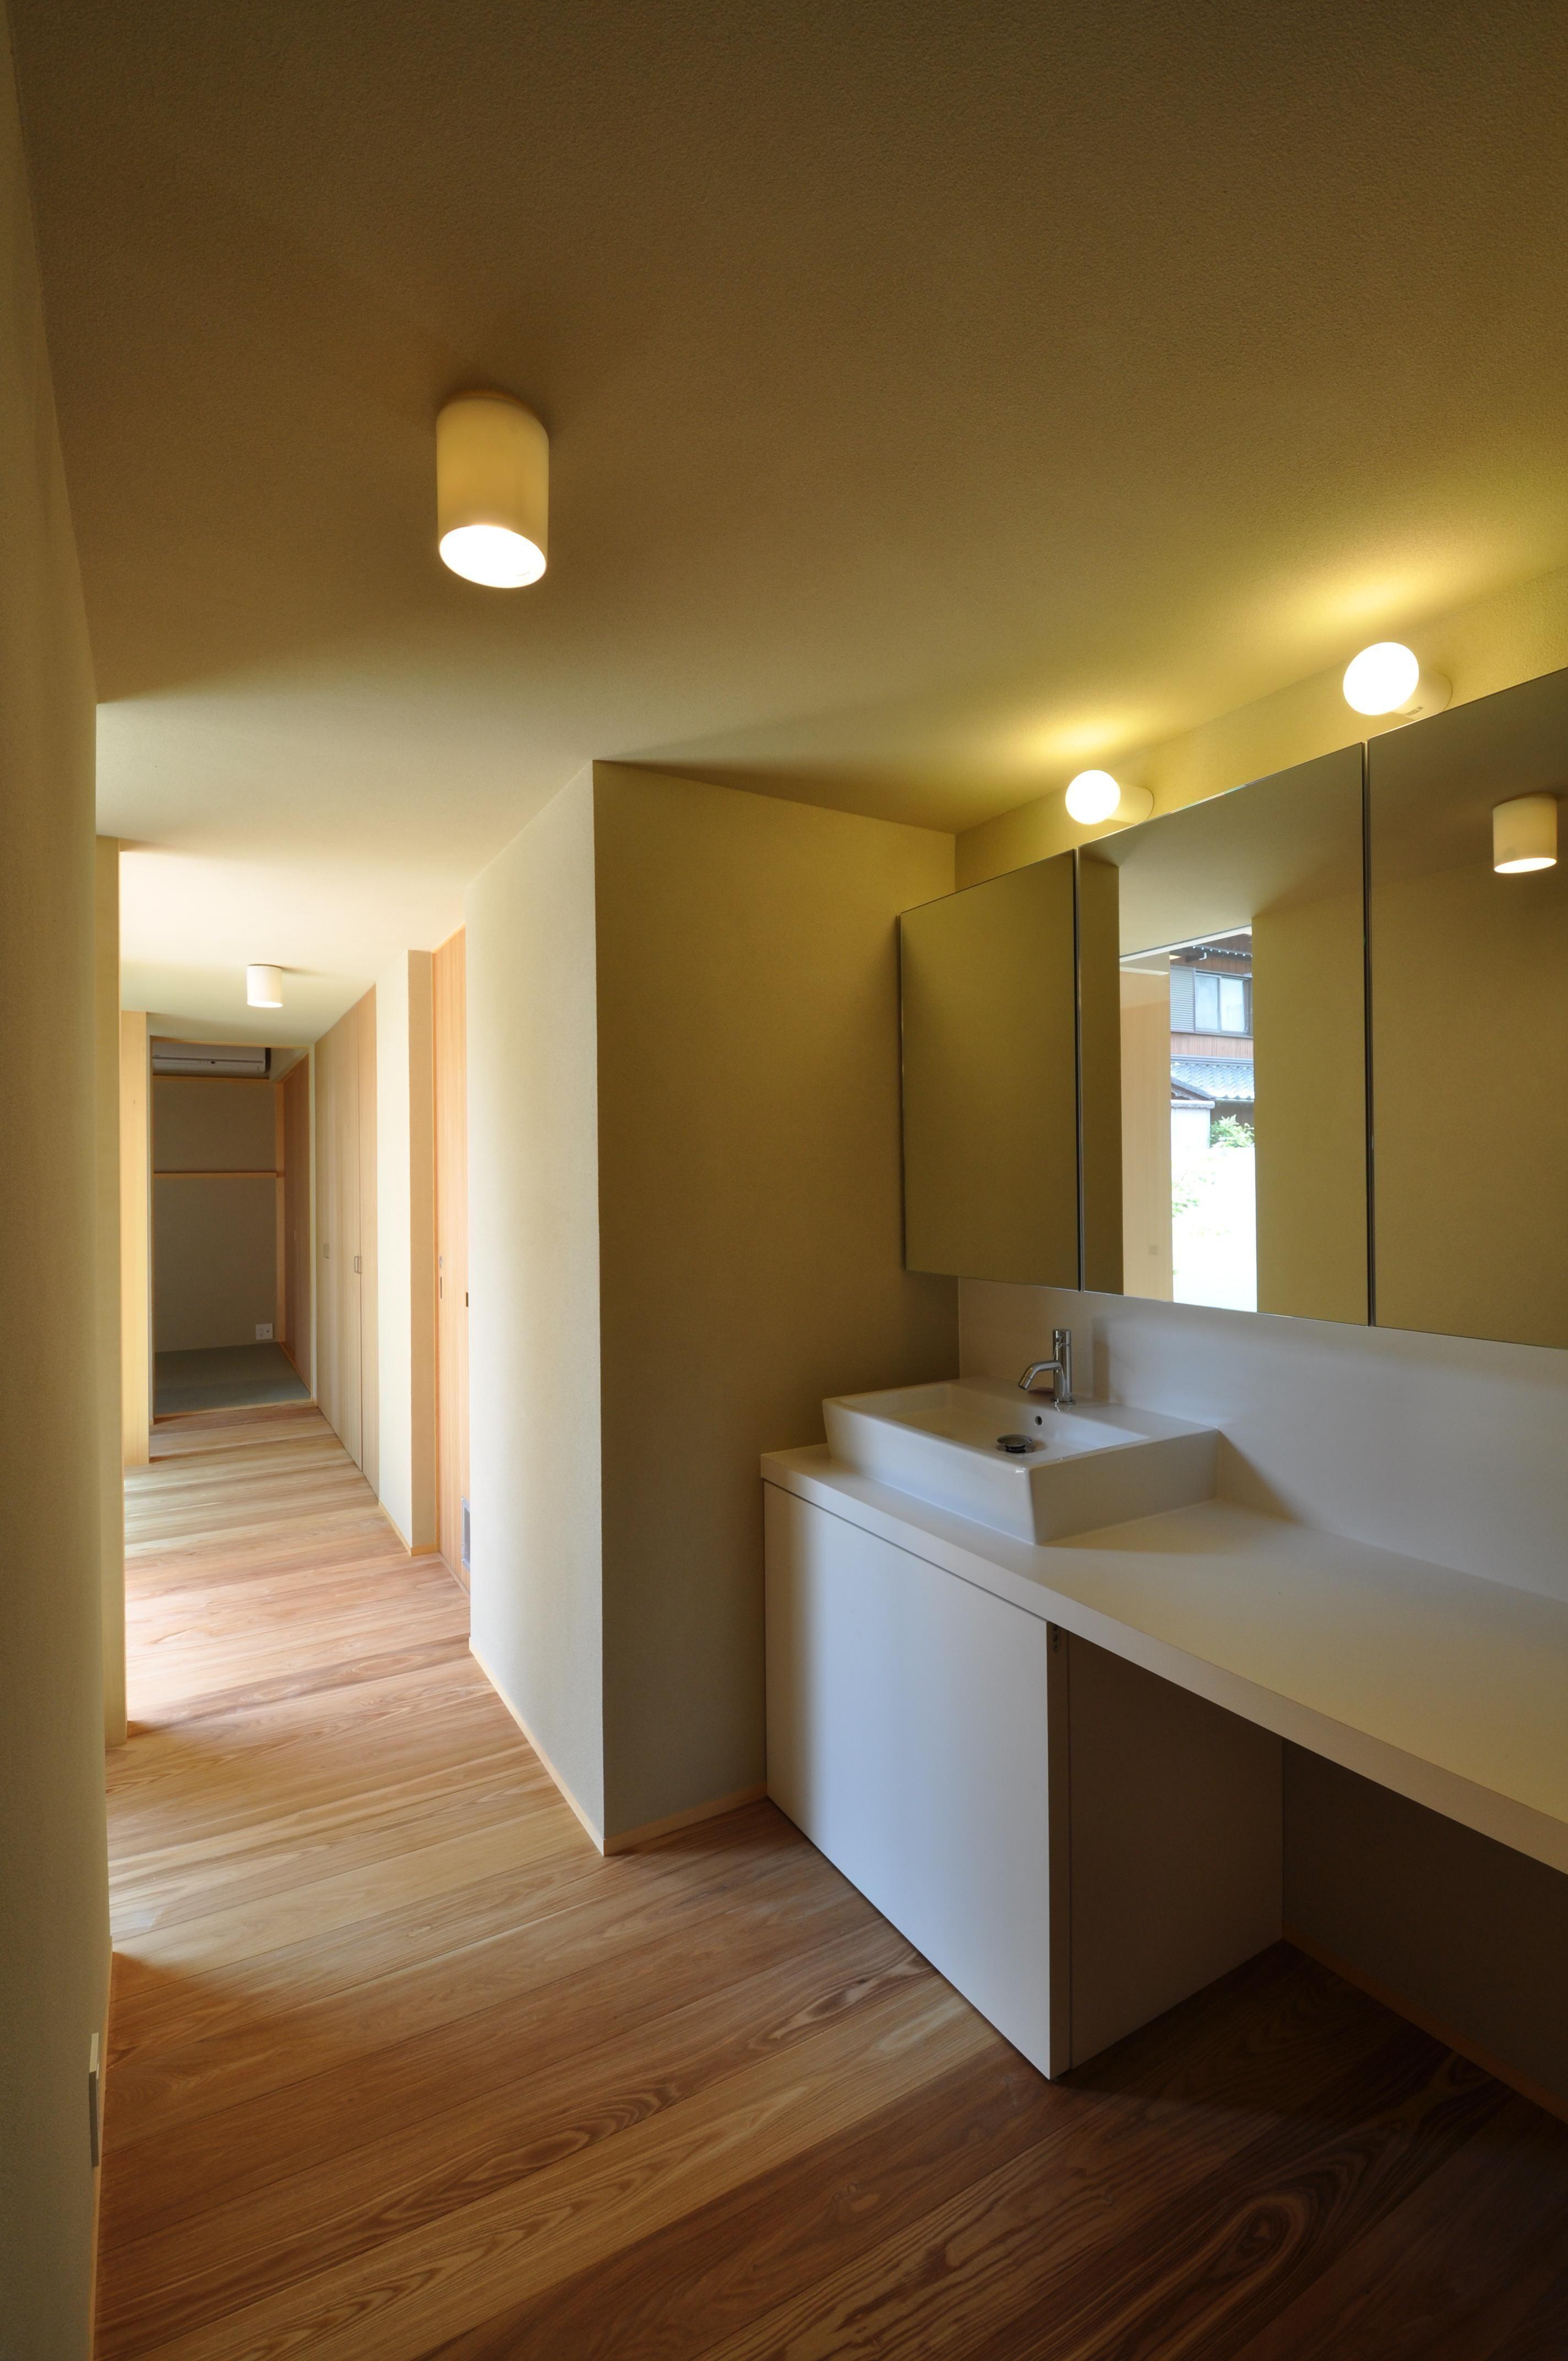 バス トイレ事例 廊下 洗面スペース 那加の家 木の香りに満ちた